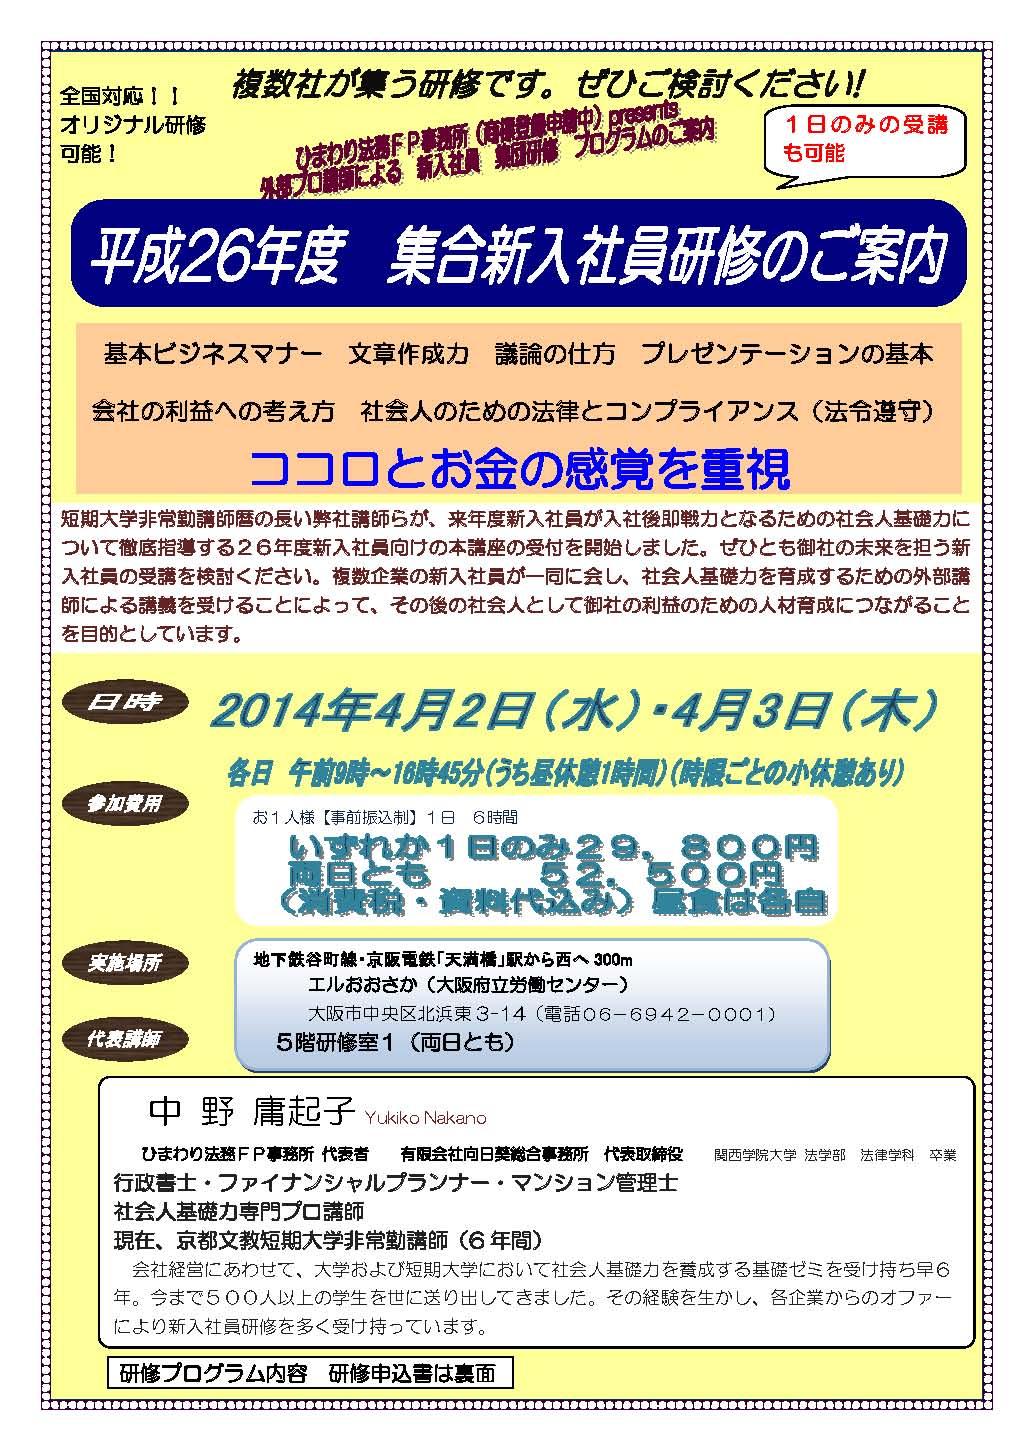 新入社員研修プログラム 集合研修(2日間コース)1.jpg